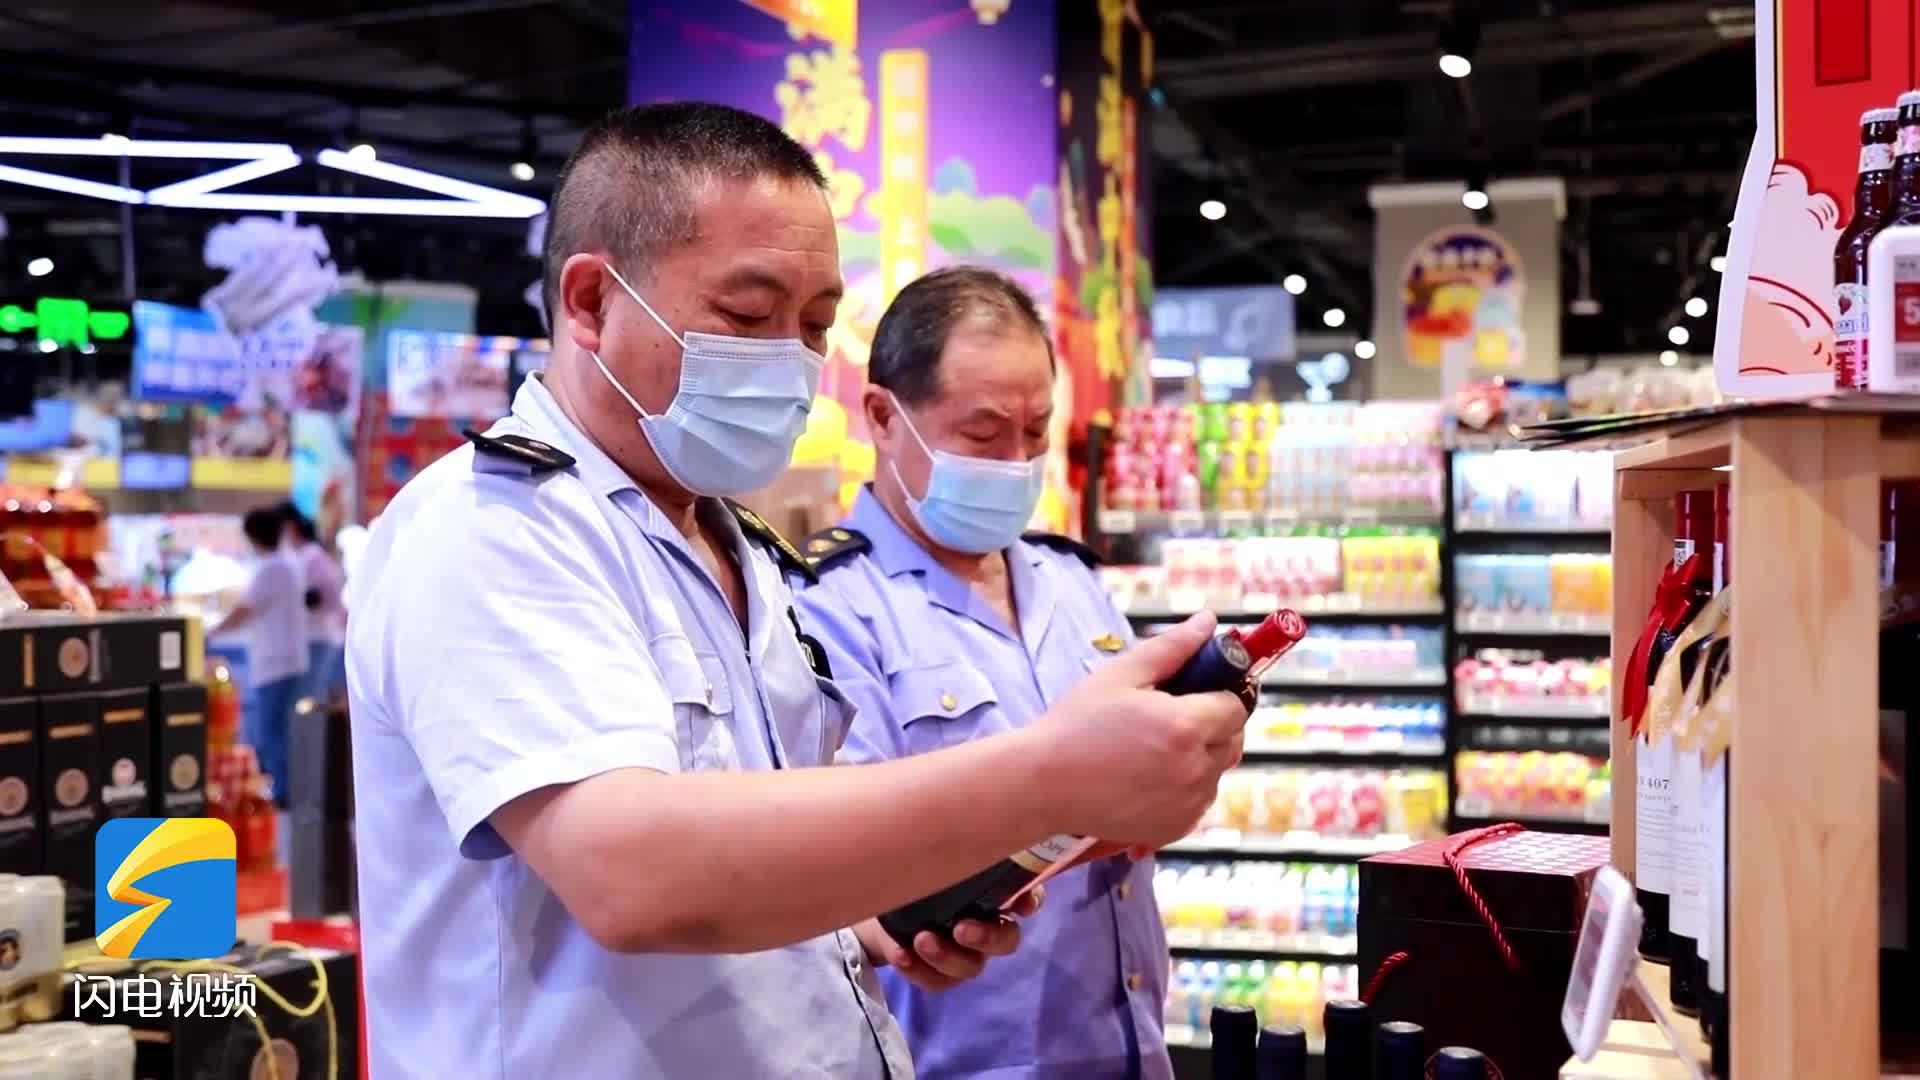 种类丰富促销多 青岛中秋节日市场货足价稳